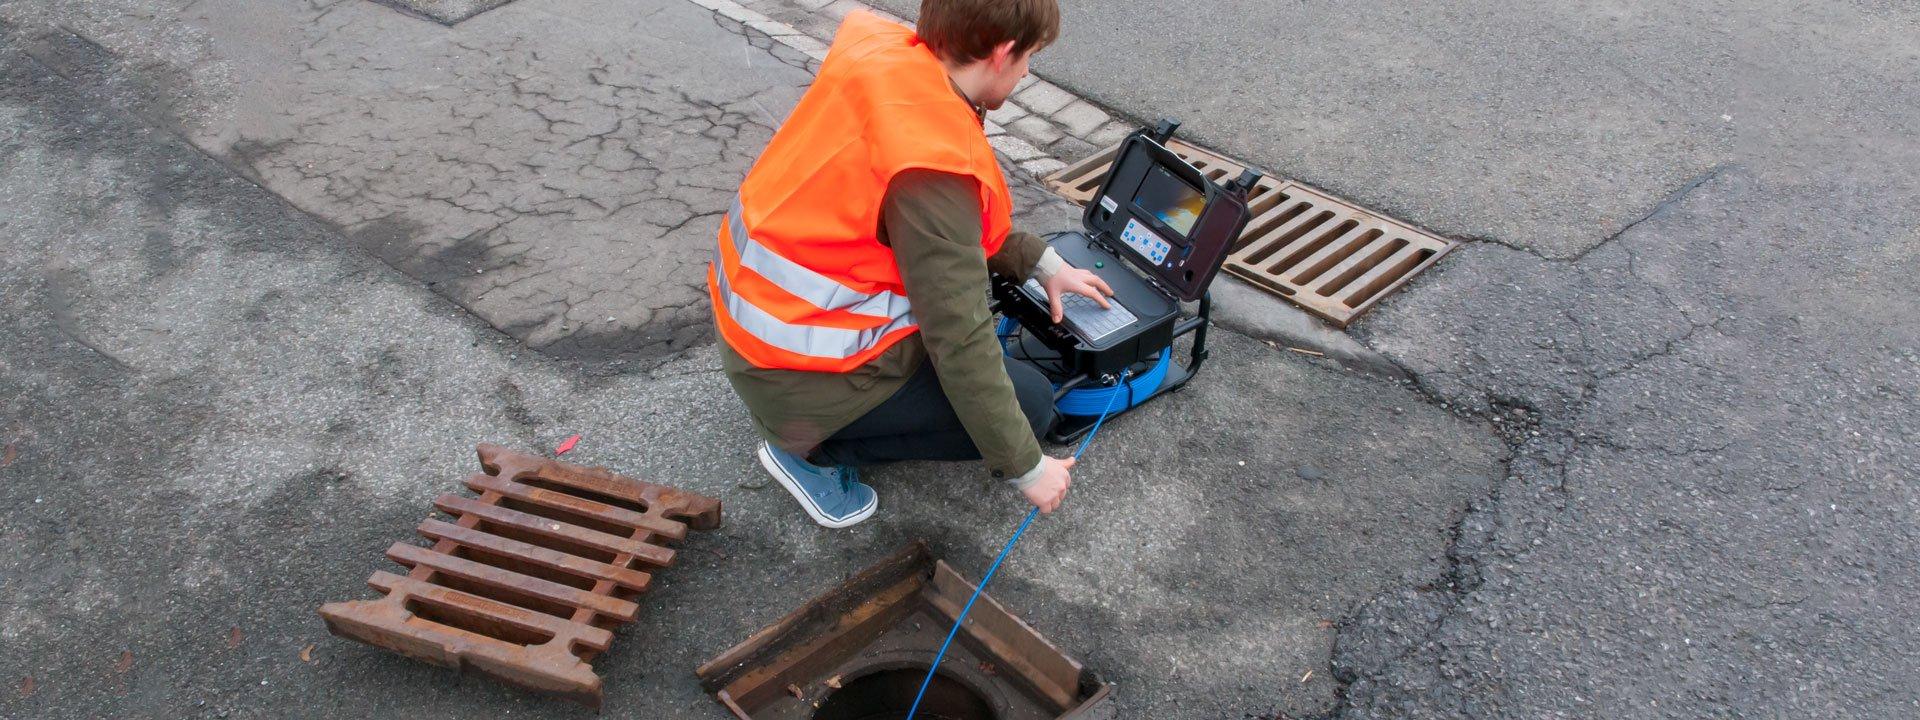 Visuele inspectie van een industrieel kanaal.